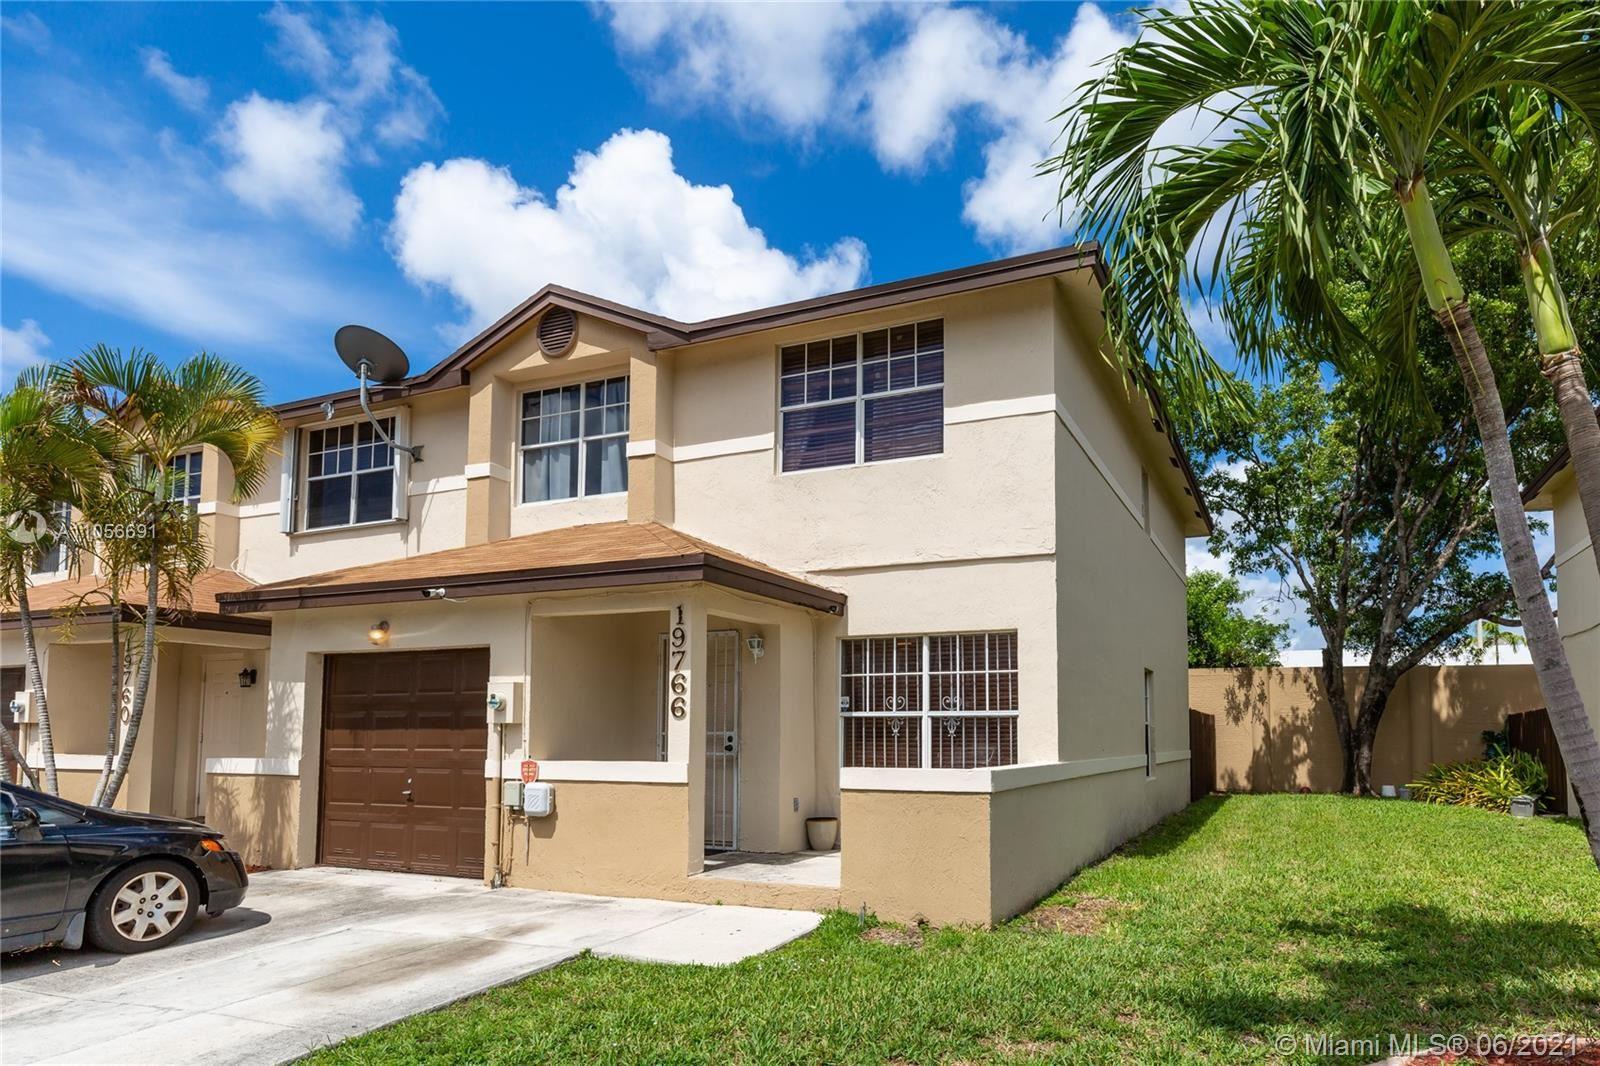 19766 NW 34th Ave, Miami Gardens, FL 33056 - #: A11056691